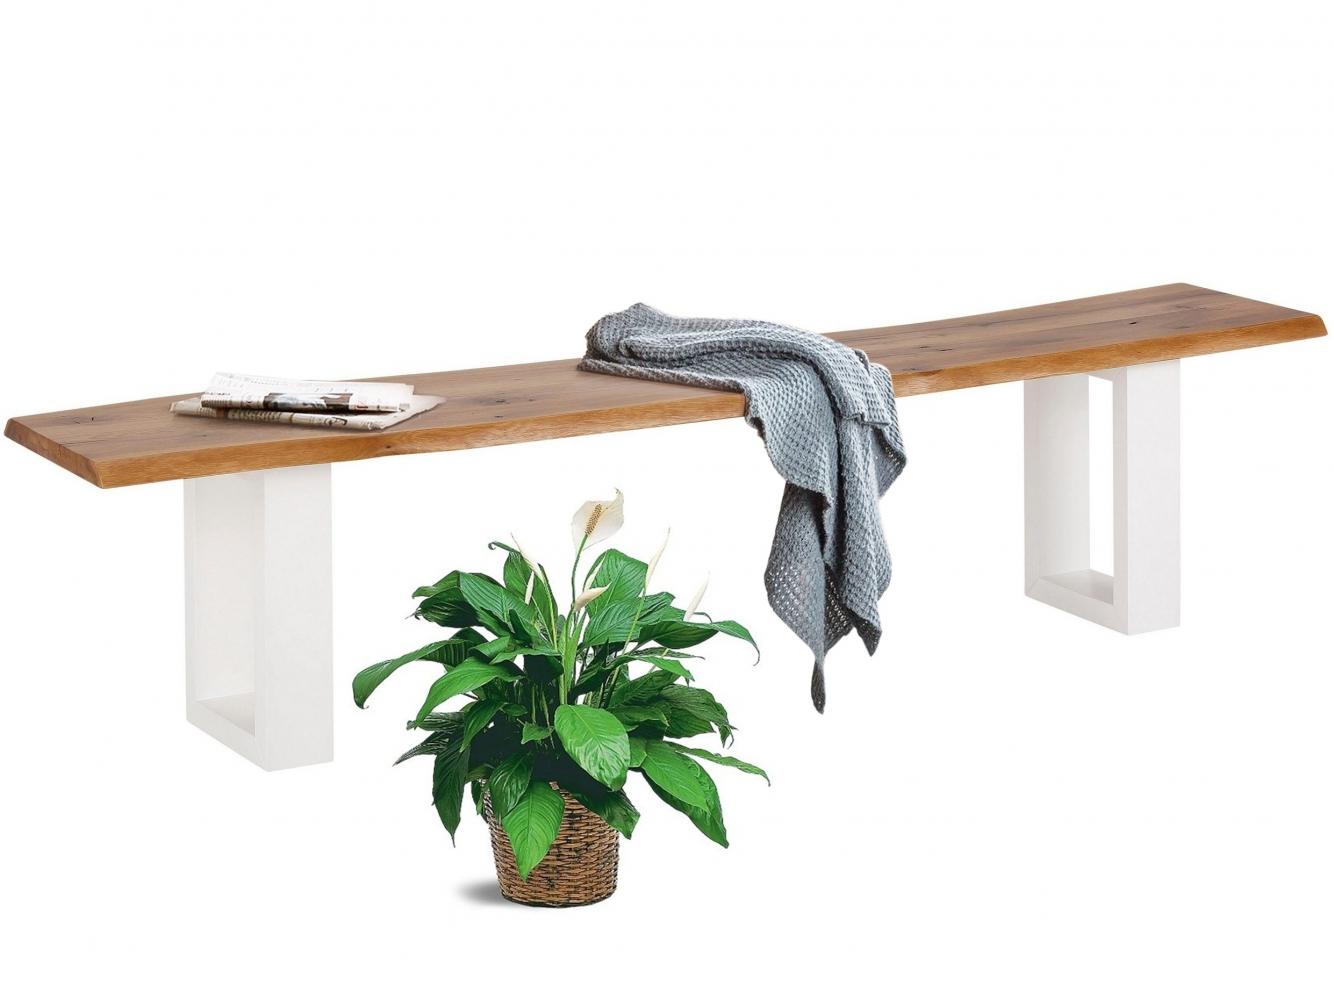 Jídelní lavice More, 180 cm, dub / bílá